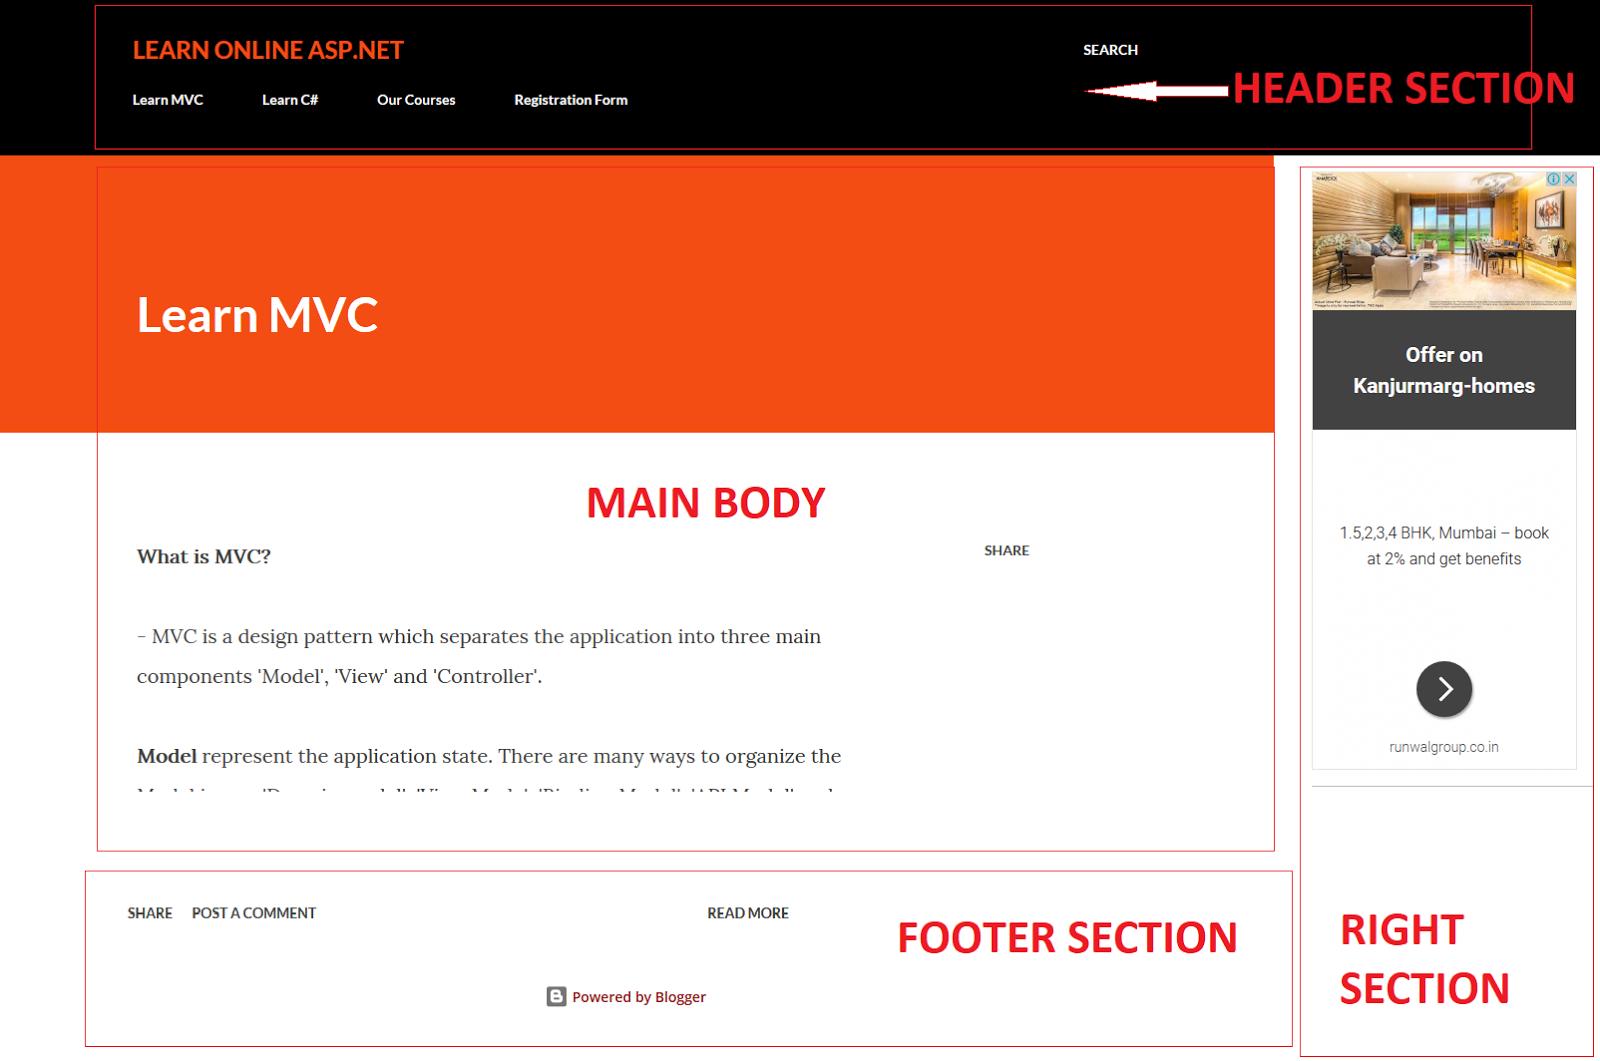 Layout in ASP.NET MVC